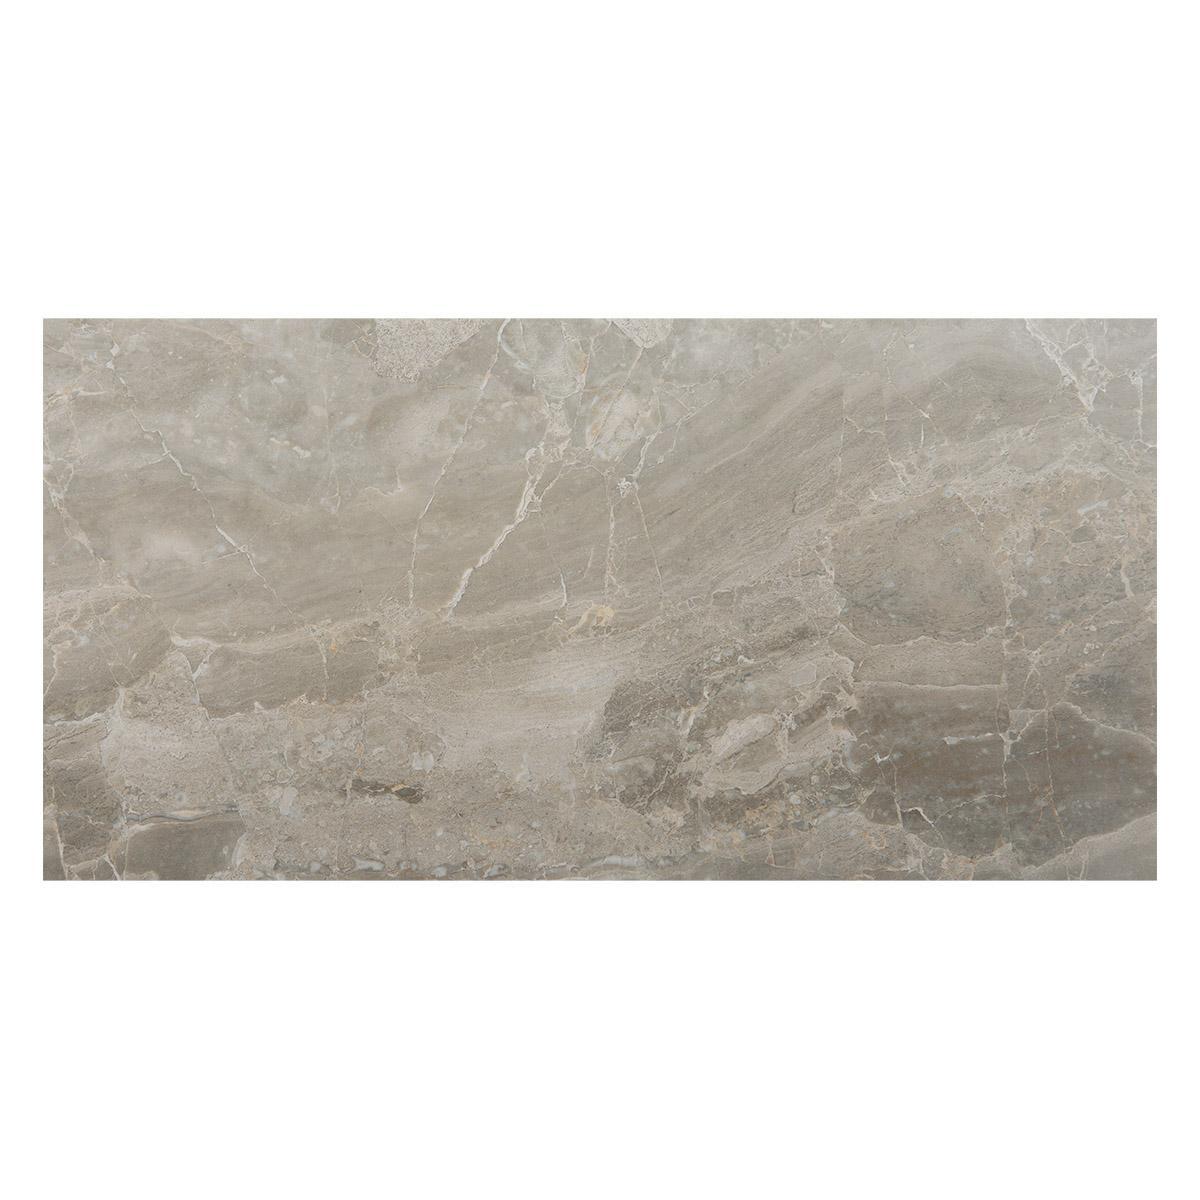 Porcelanato Brescia Silver Brillante - 60X120 cm - 1.44 m2